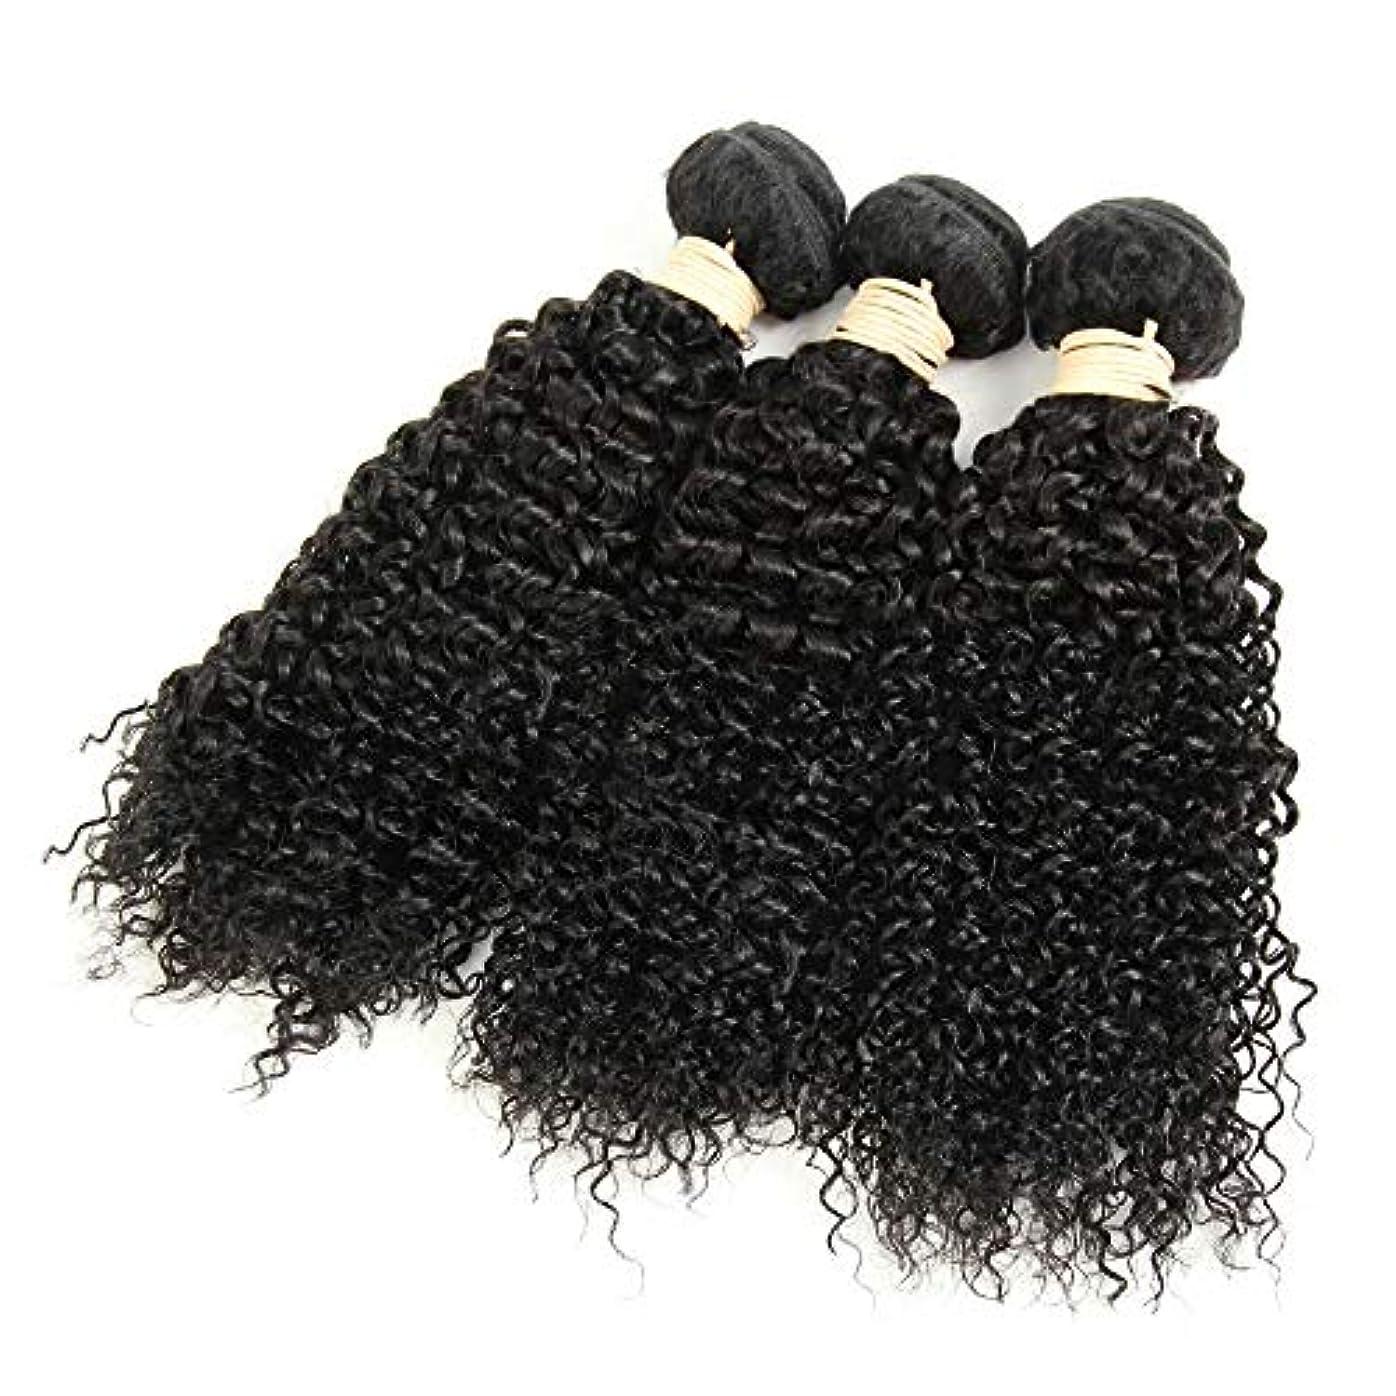 平和花火パッケージHOHYLLYA 1バンドル変態巻き毛100%本物の人間の髪の毛の束ブラジルのディープウェーブの毛未処理の髪を編む(8